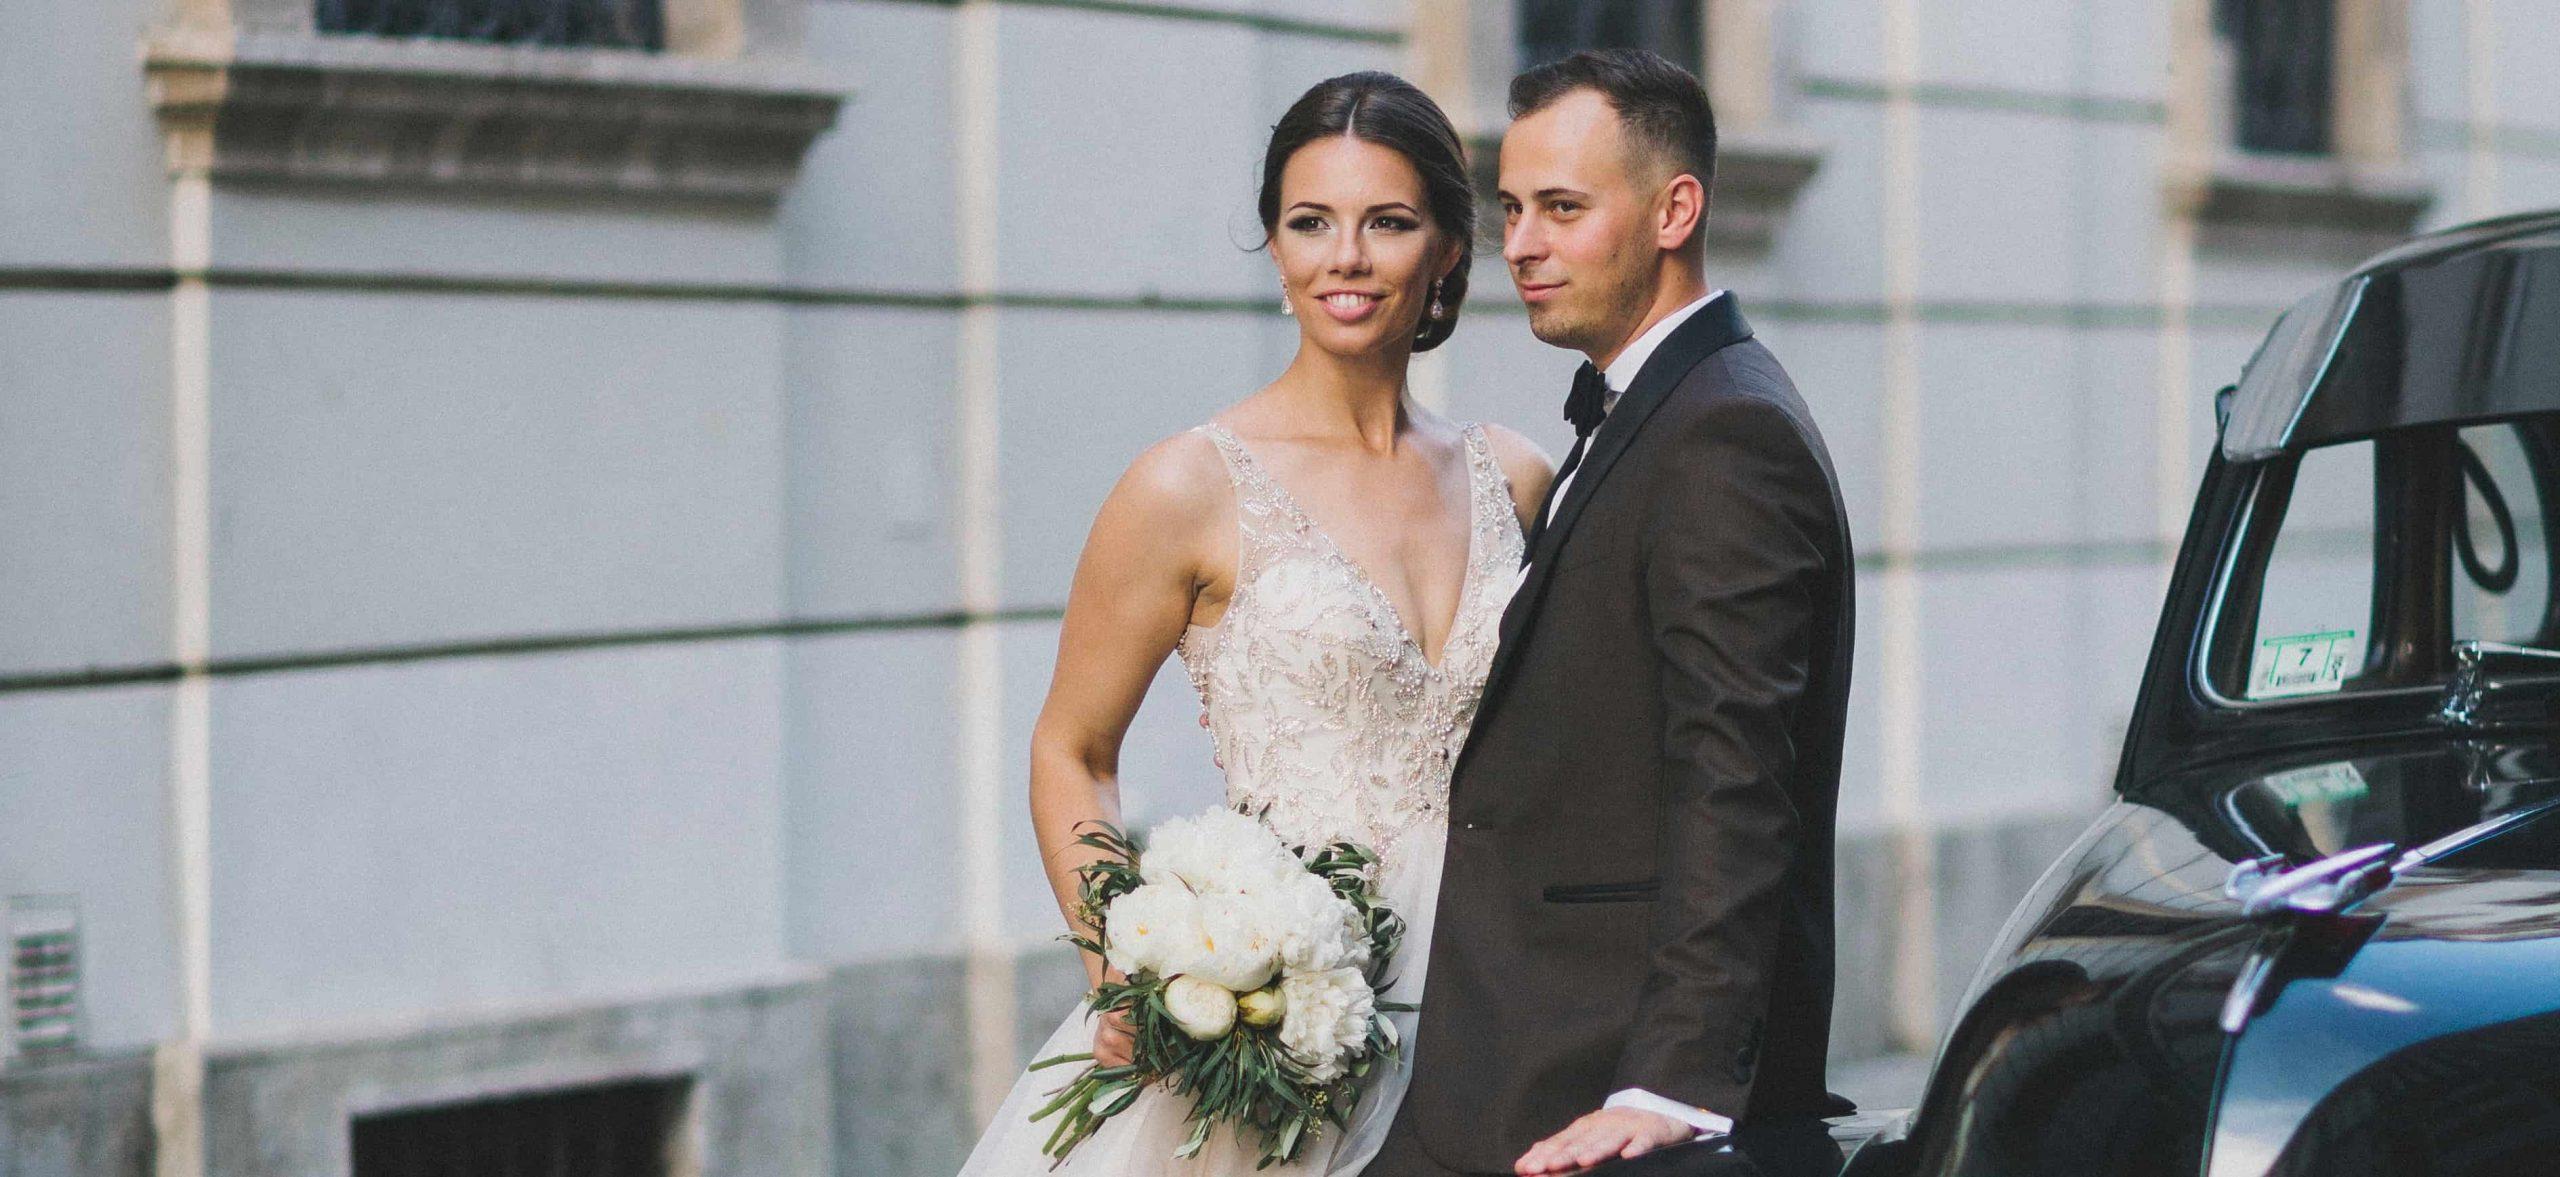 Svadba podľa Táničky